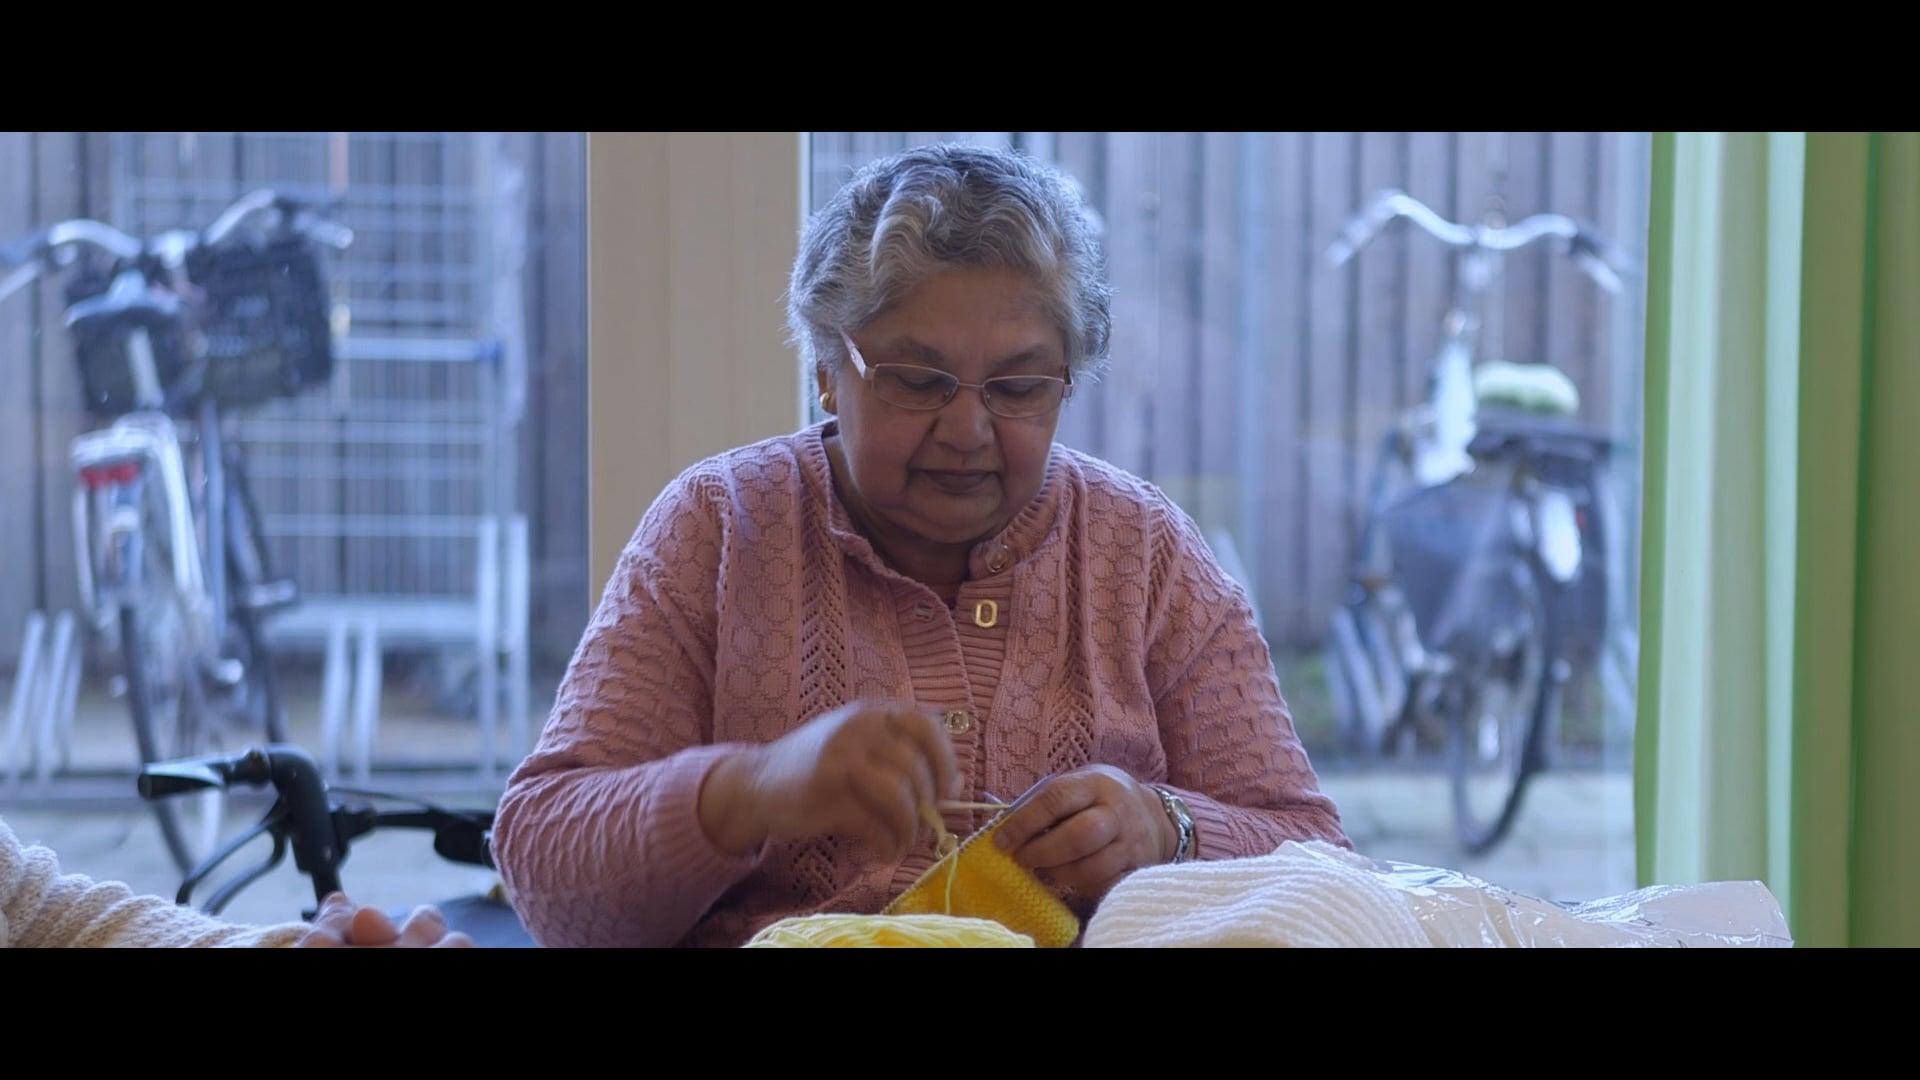 Trailer - Ontmoeting met Bollywood (2016)